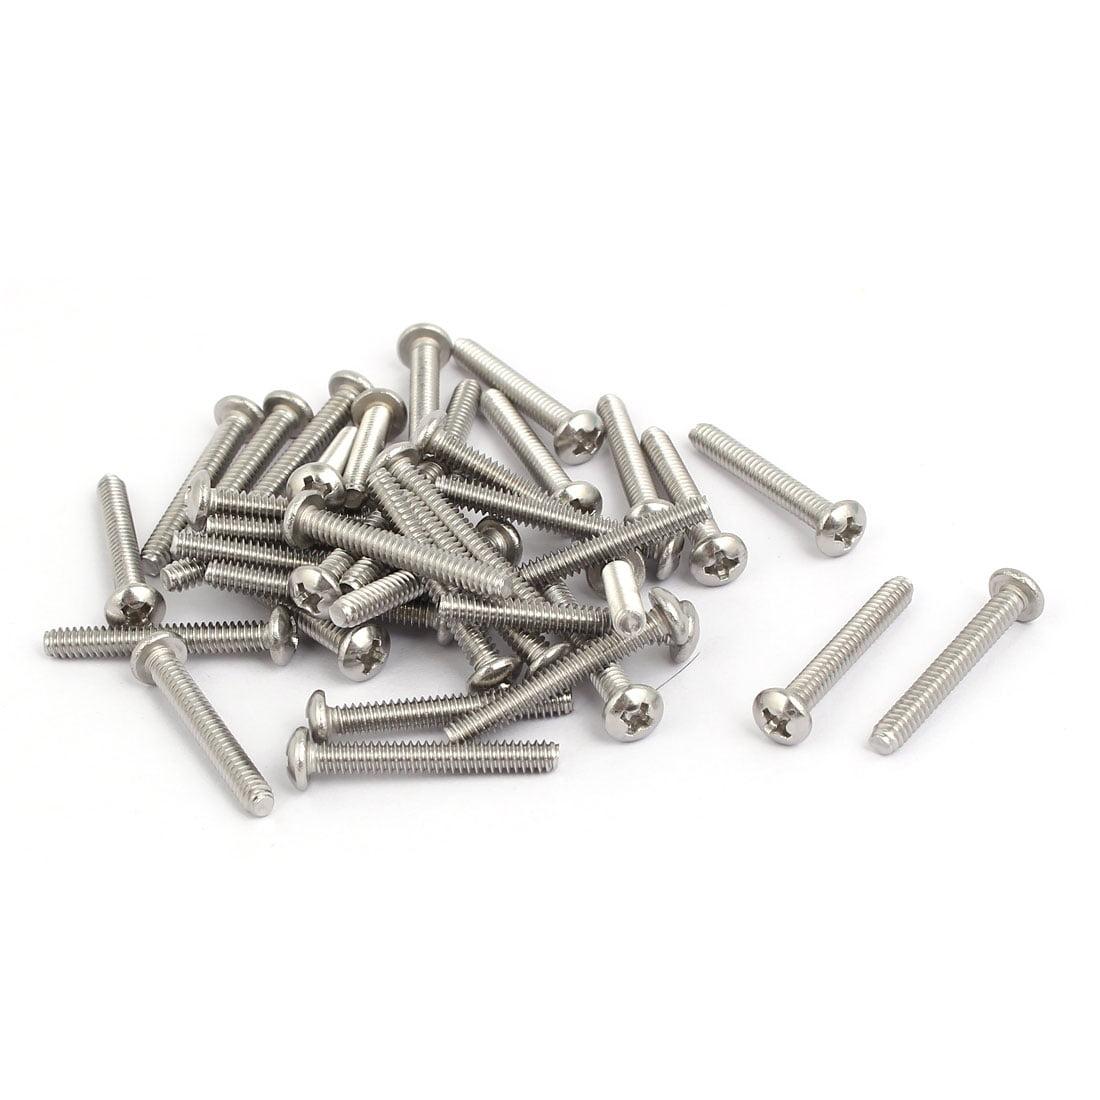 6#-32x1 pouces 304 acier inoxydable Tête Cruciforme vis machine 40Pcs - image 3 de 3